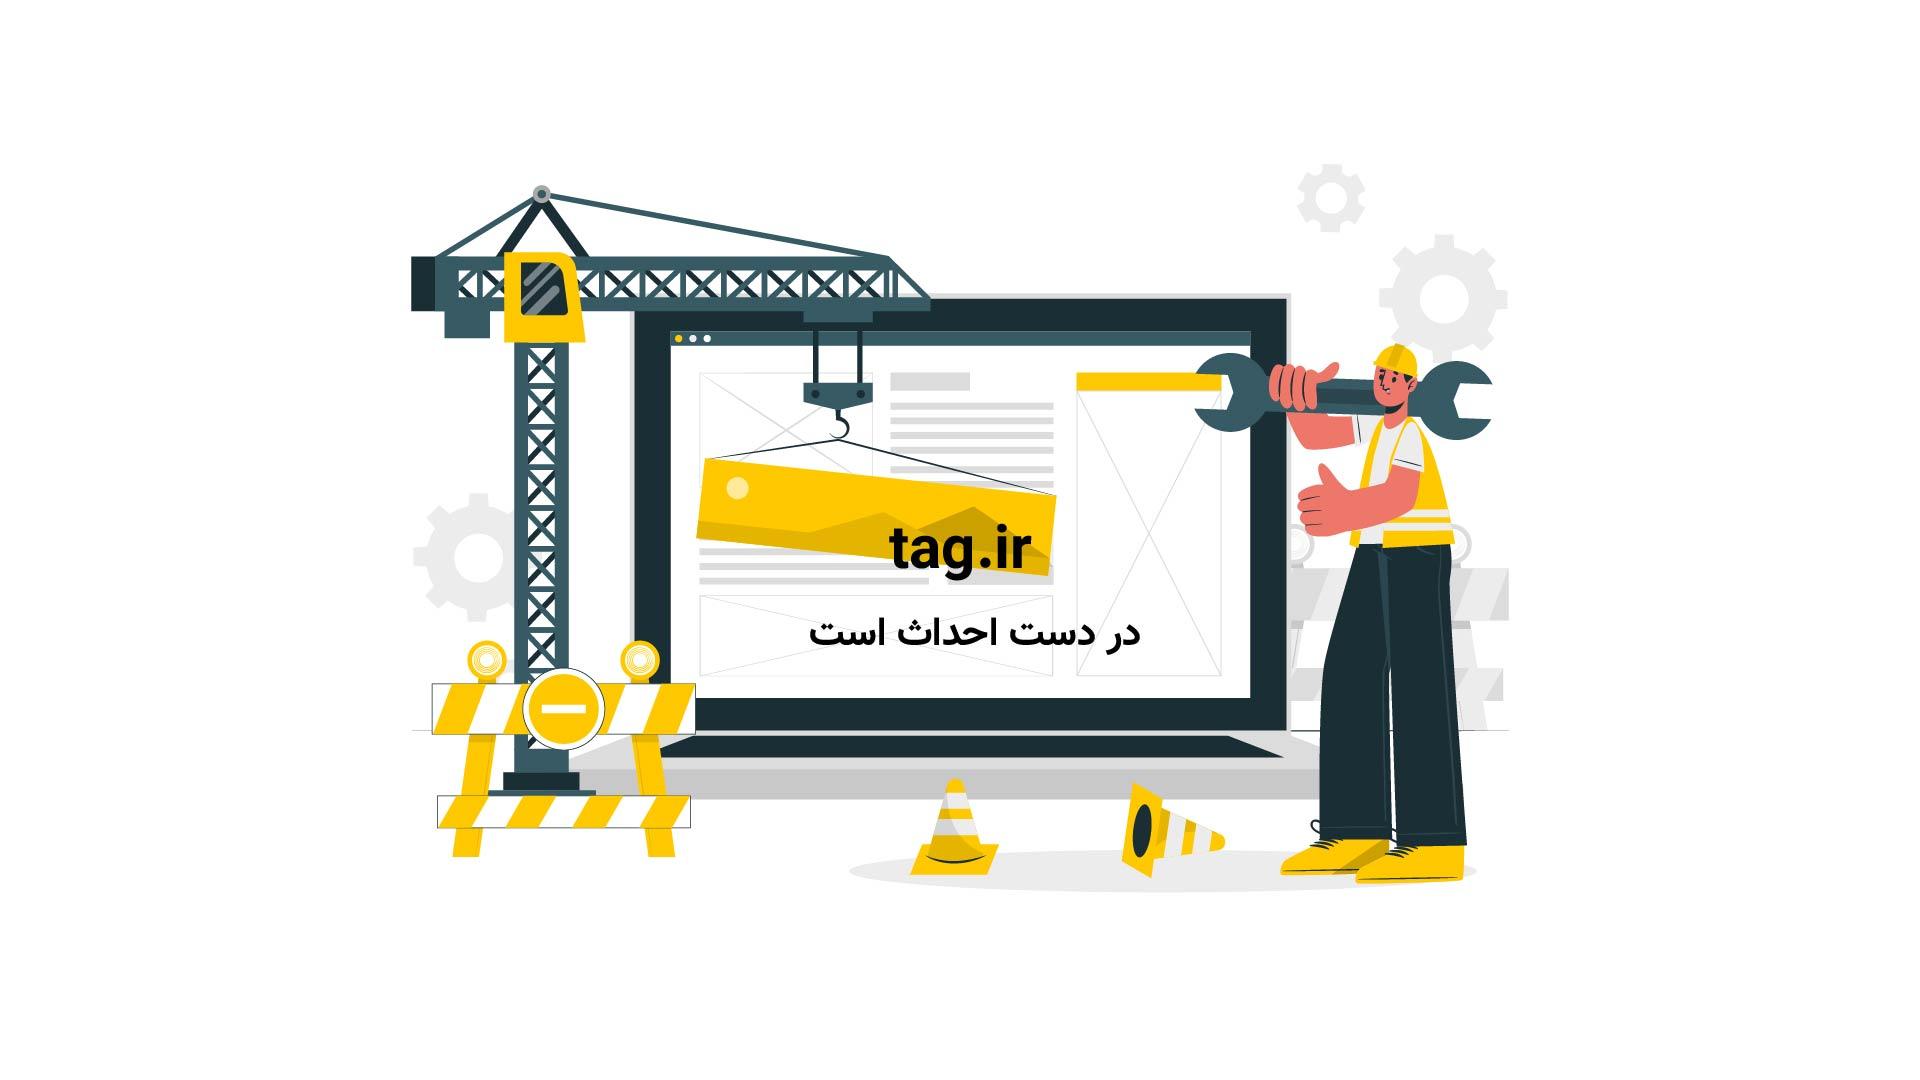 فیلمی از مرگ پنج راننده مسابقات اتومبیلرانی حین پخش زنده | فیلم